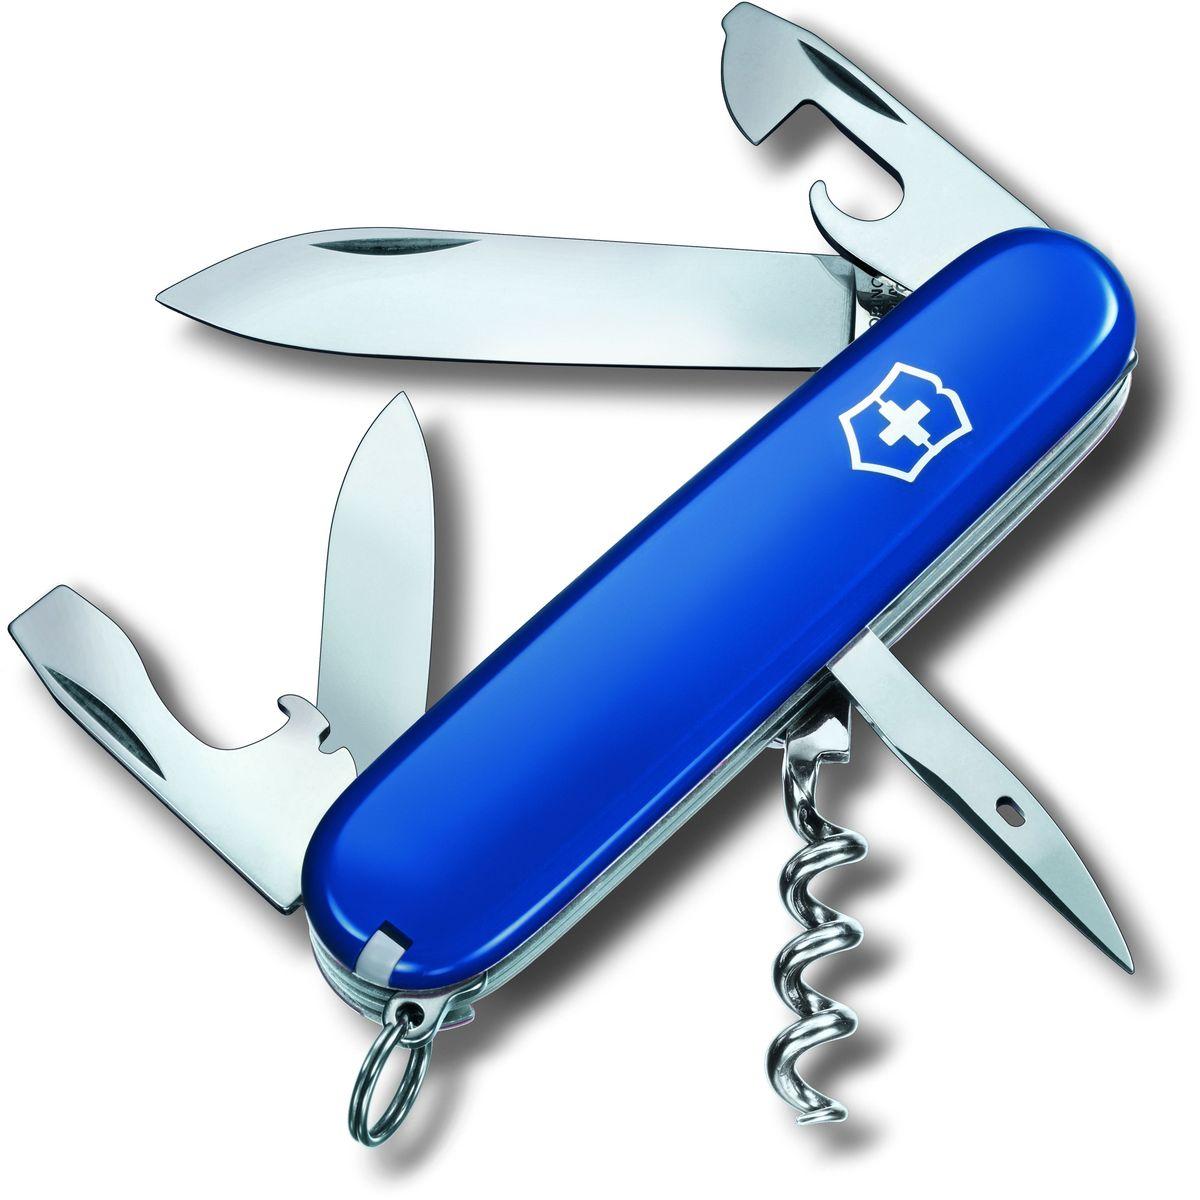 Нож перочинный Victorinox Spartan, 12 функций, цвет: синий, длина 9,1 см1.3603.2Перочинный складной нож Victorinox Spartan изготовлен из высококачественной нержавеющей стали. Ручка, выполненная из прочного пластика, обеспечивает надежный и удобный хват.Хорошее качество, надежный долговечный материал и эргономичная рукоятка - что может быть удобнее на природе или на пикнике!Функции ножа:- Большое лезвие.- Малое лезвие.- Штопор.- Консервный нож с малой отверткой (также для винта с крестообразным шлицем).- Открывалка для бутылок.- Отвертка.- Инструмент для снятия изоляции.- Шило, кернер.- Кольцо для ключей.- Пинцет.- Зубочистка.